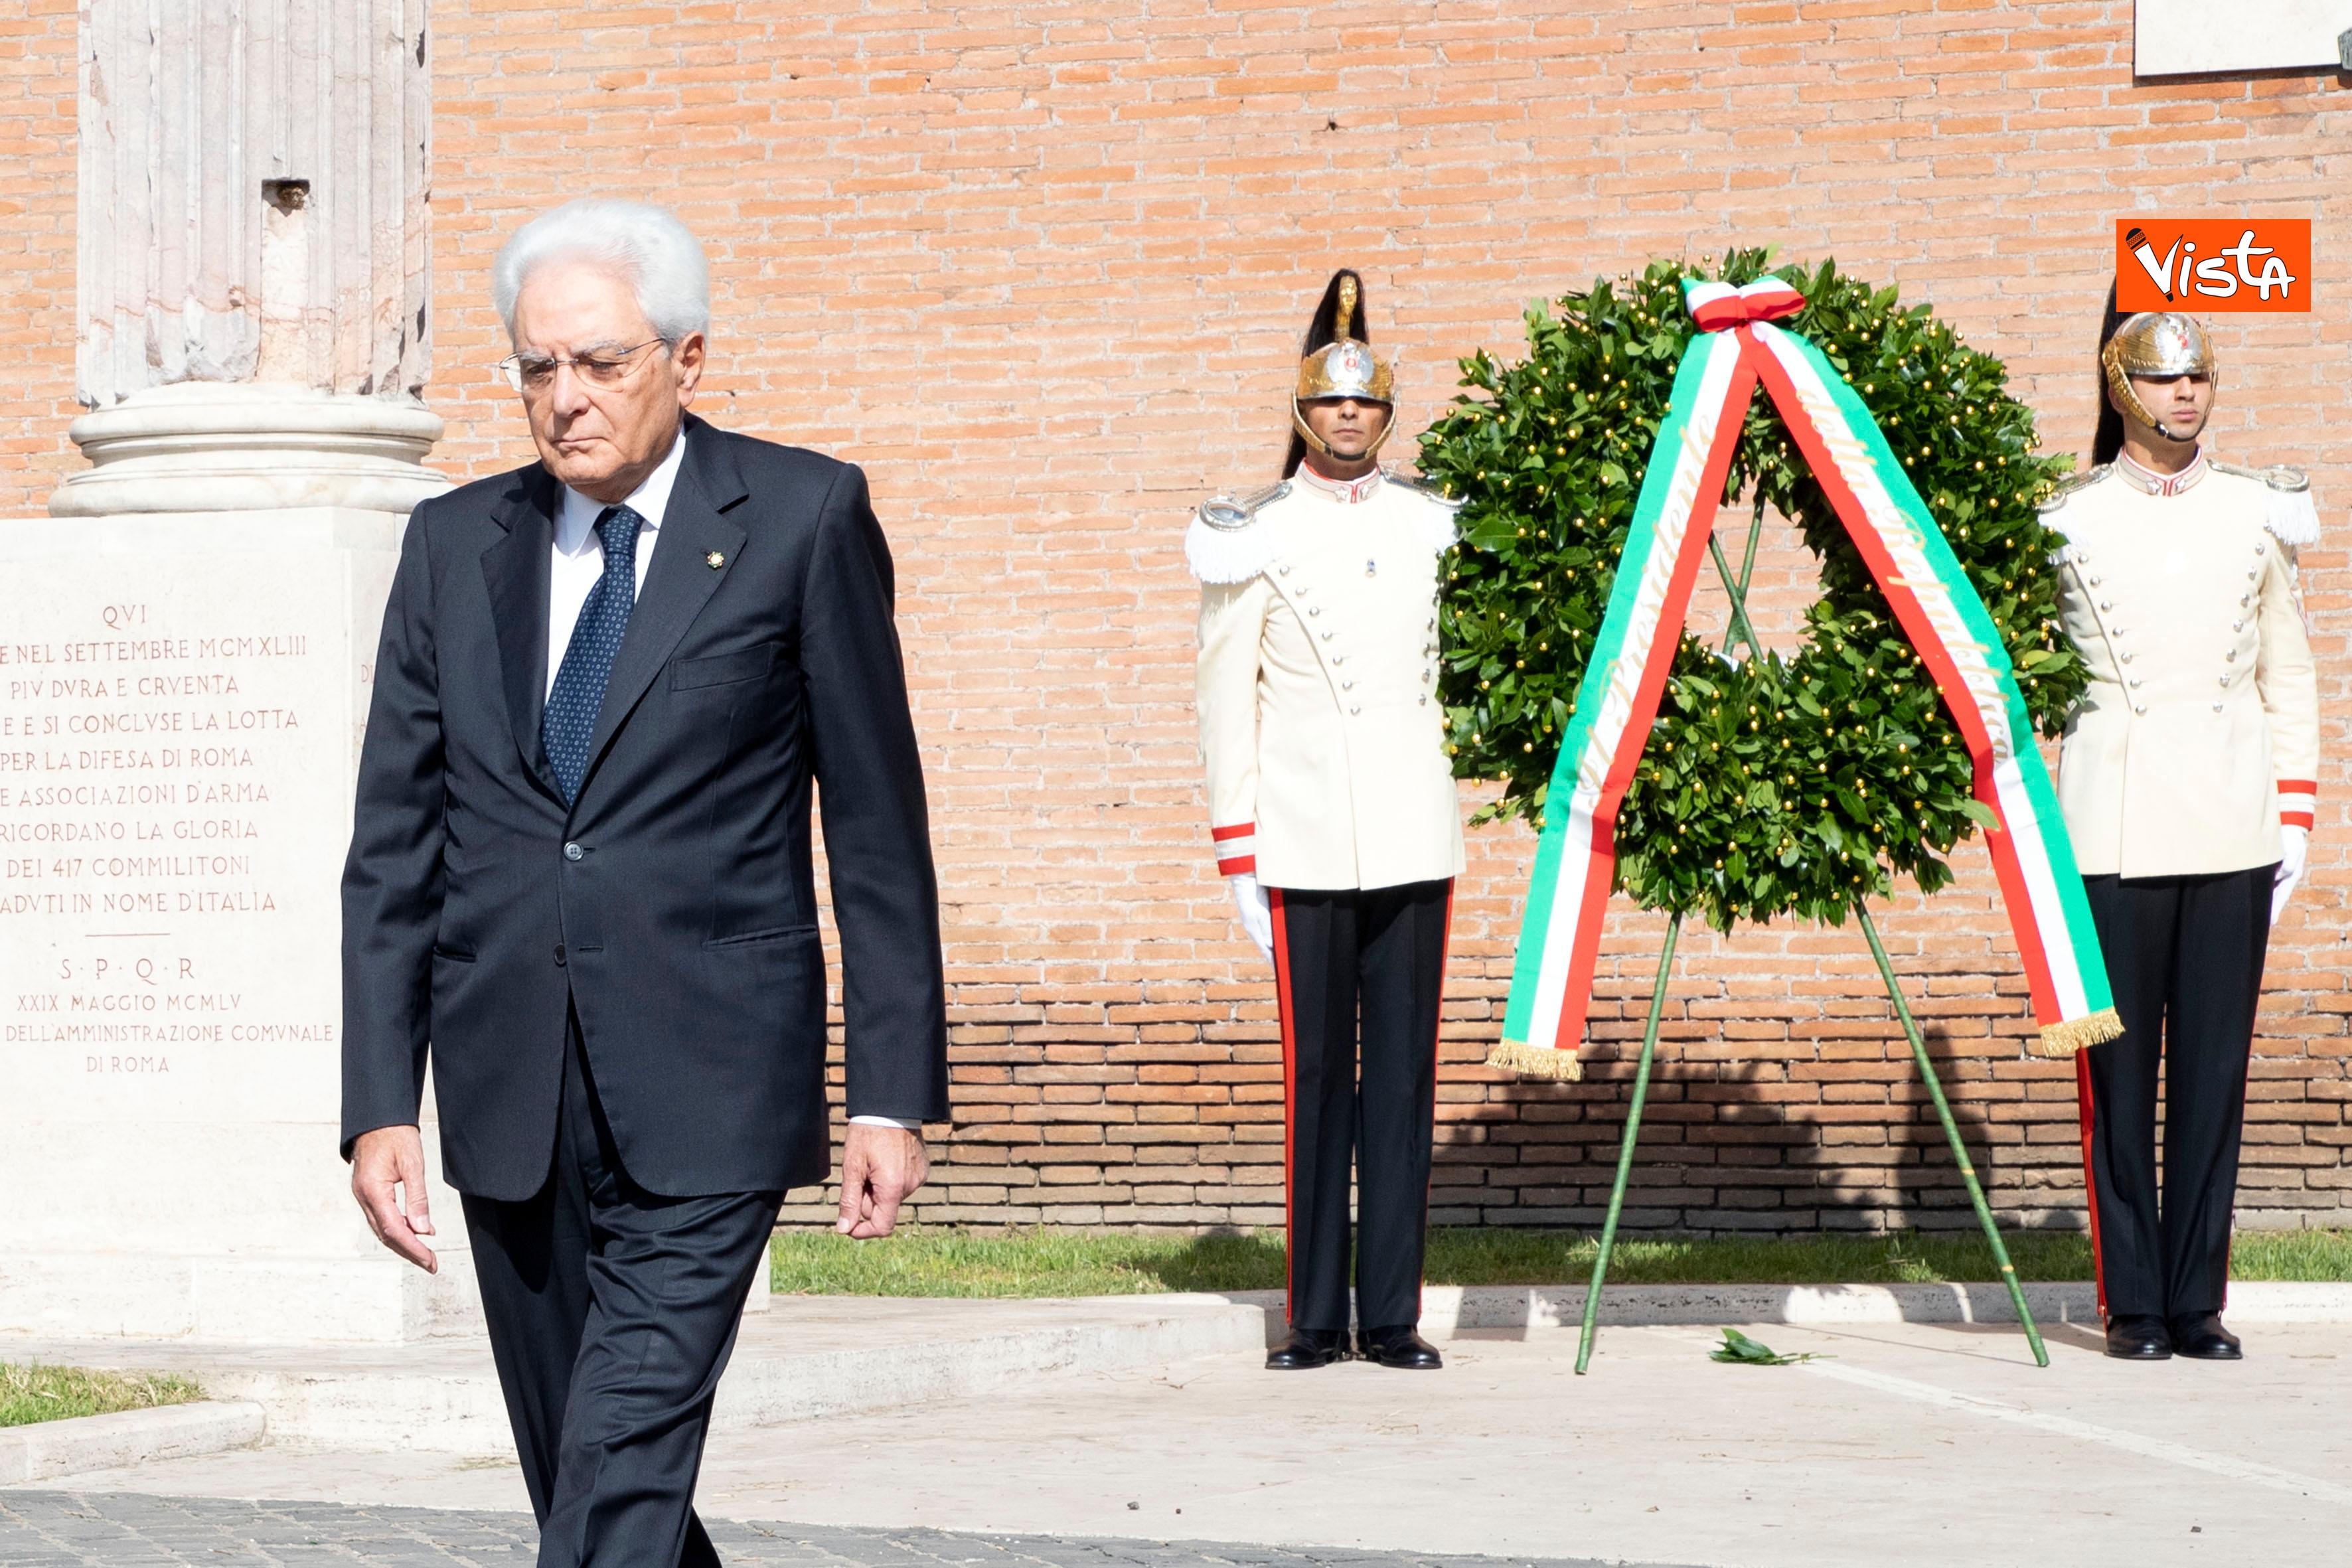 08-09-19 Mattarella depone corona d'alloro a Porta San Paolo per l'anniversario della difesa di Roma_05